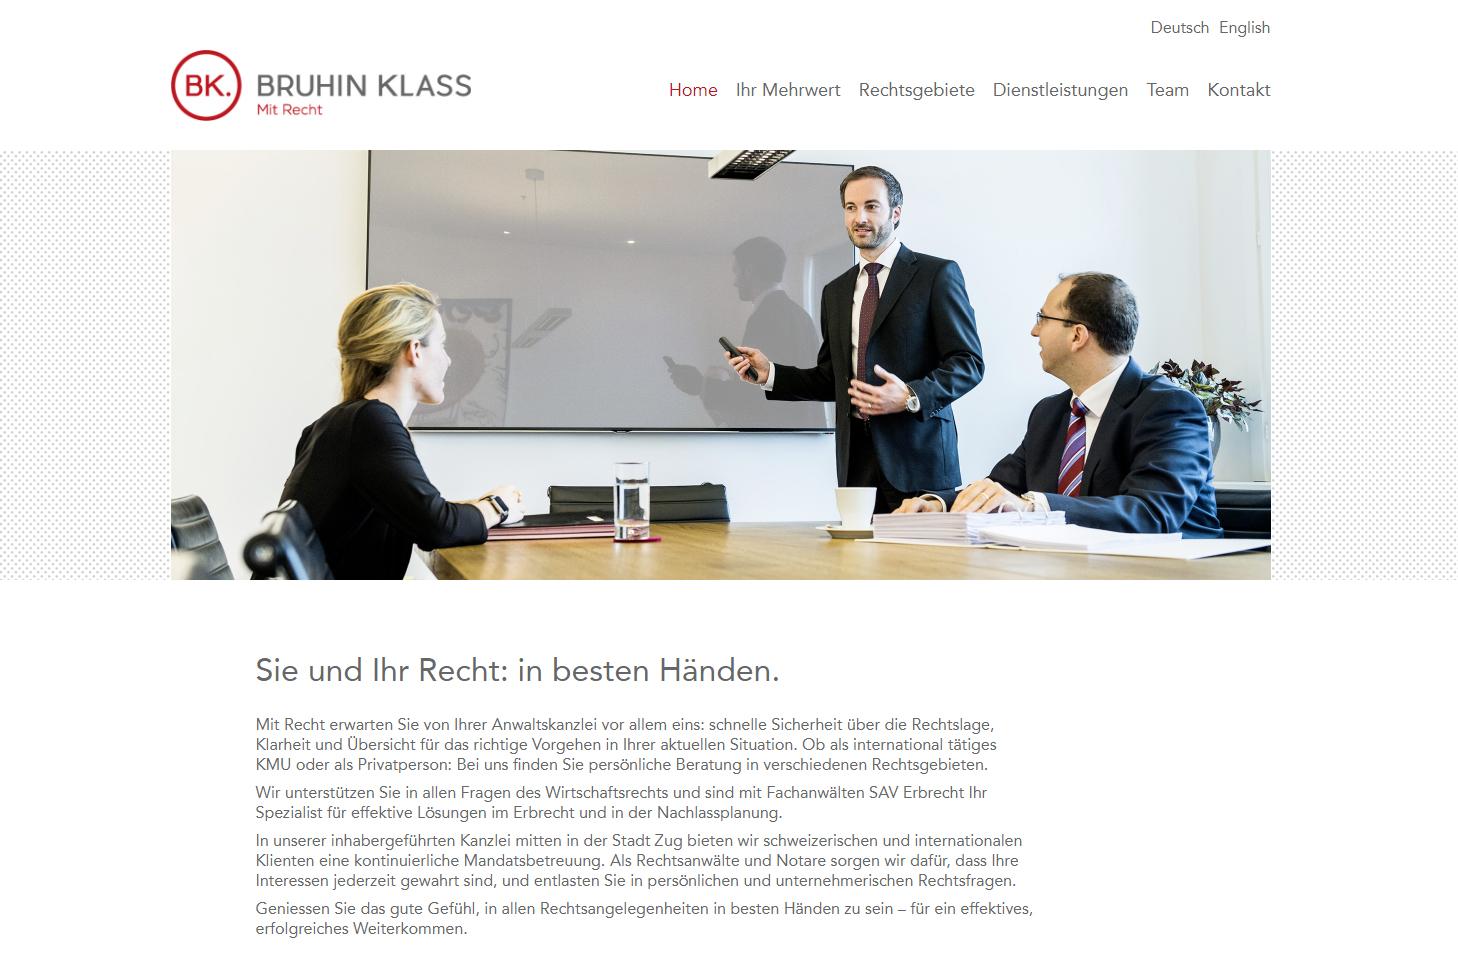 Bruhin Klass, Zug